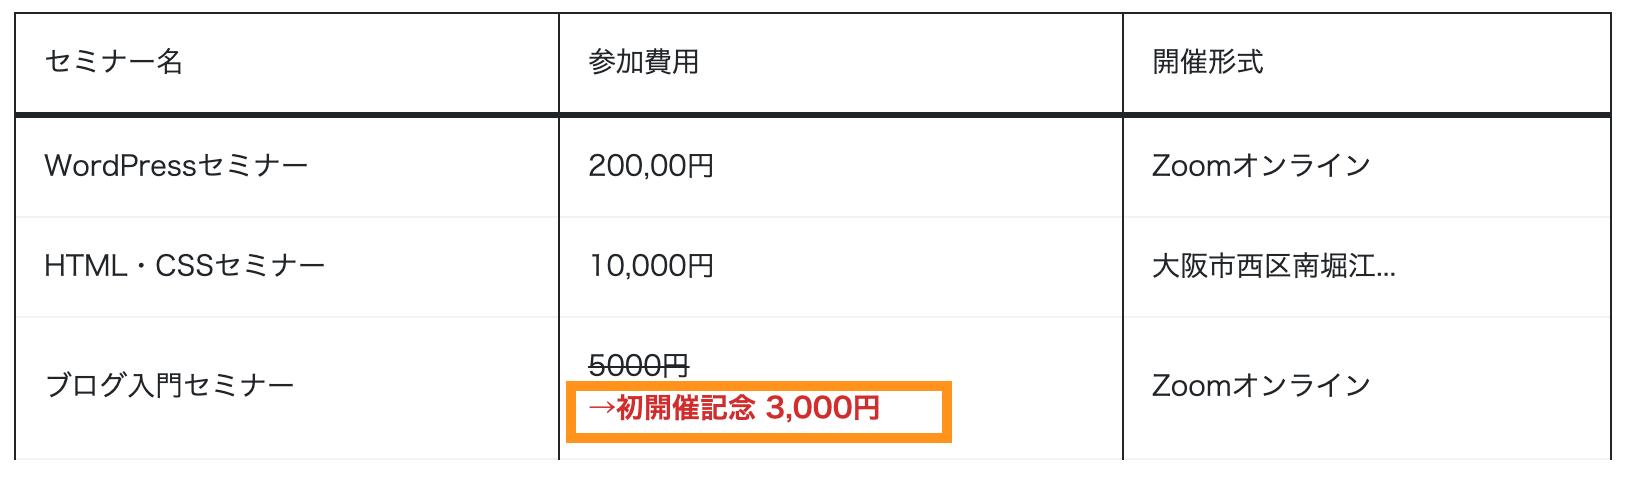 「→初開催キャンペーン3,000円」が赤い太文字になった